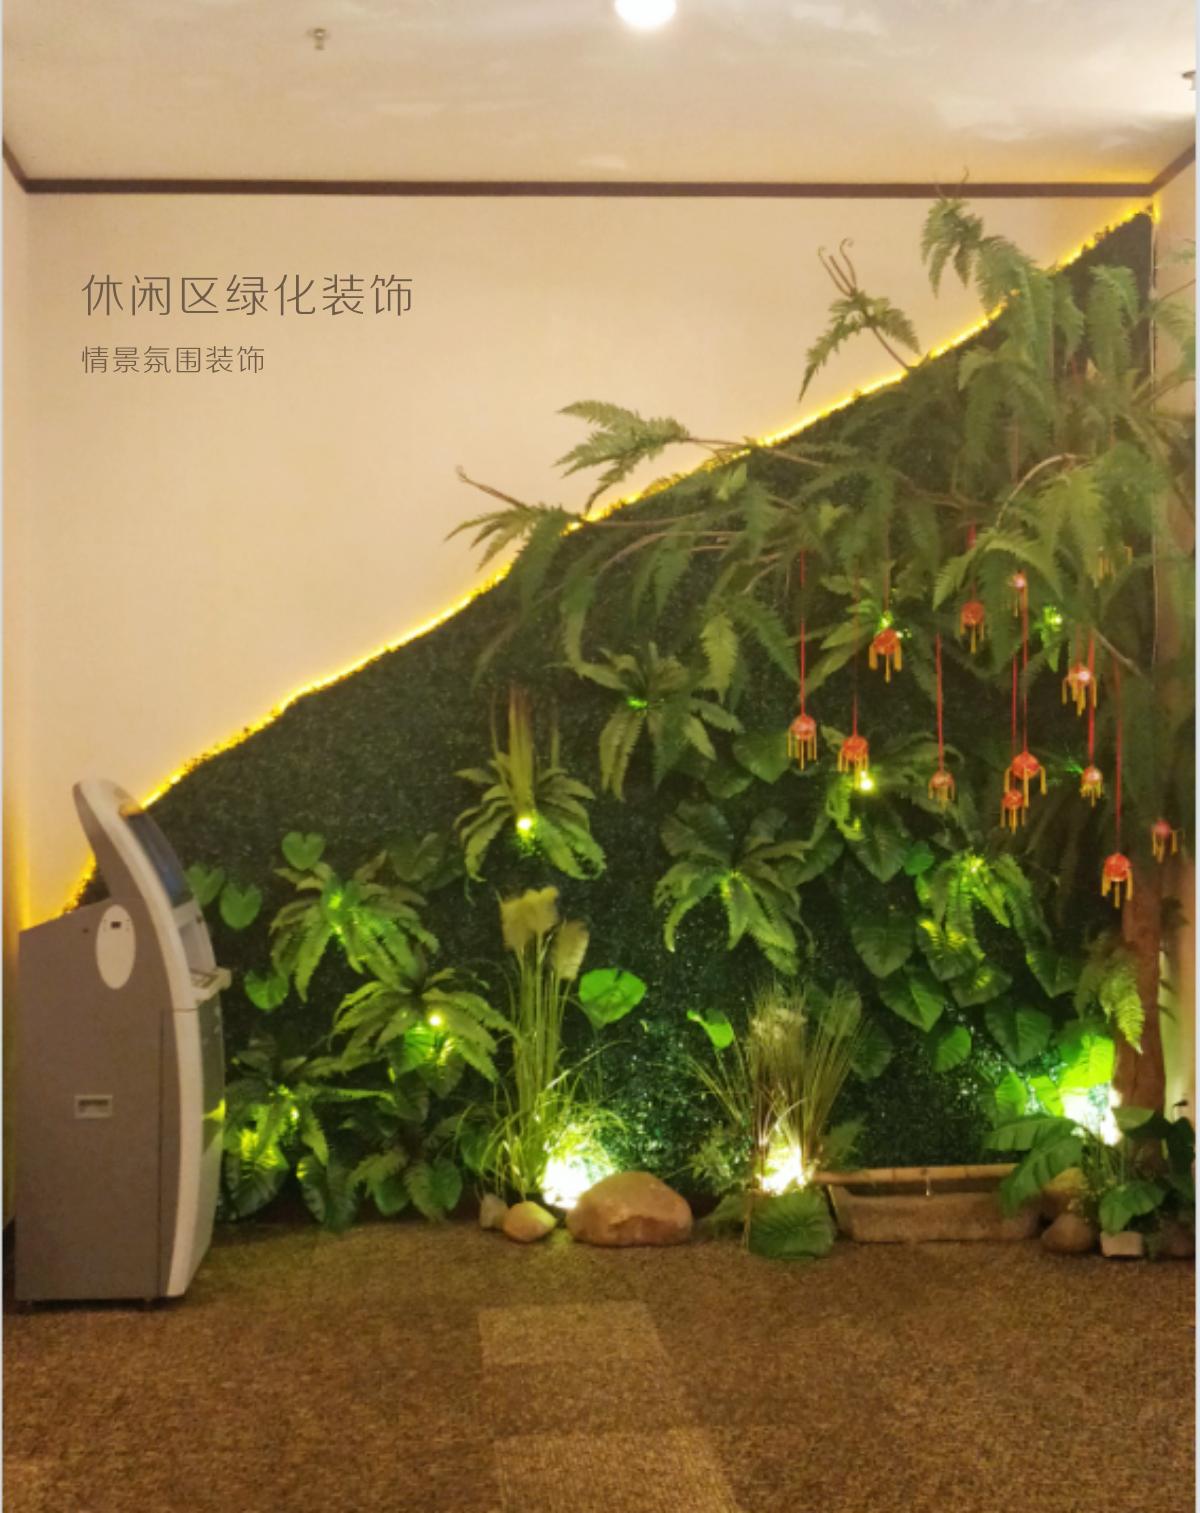 小蝌蚪在线观看网站交通银行某支行党建及场景装饰项目【案例】_03.png